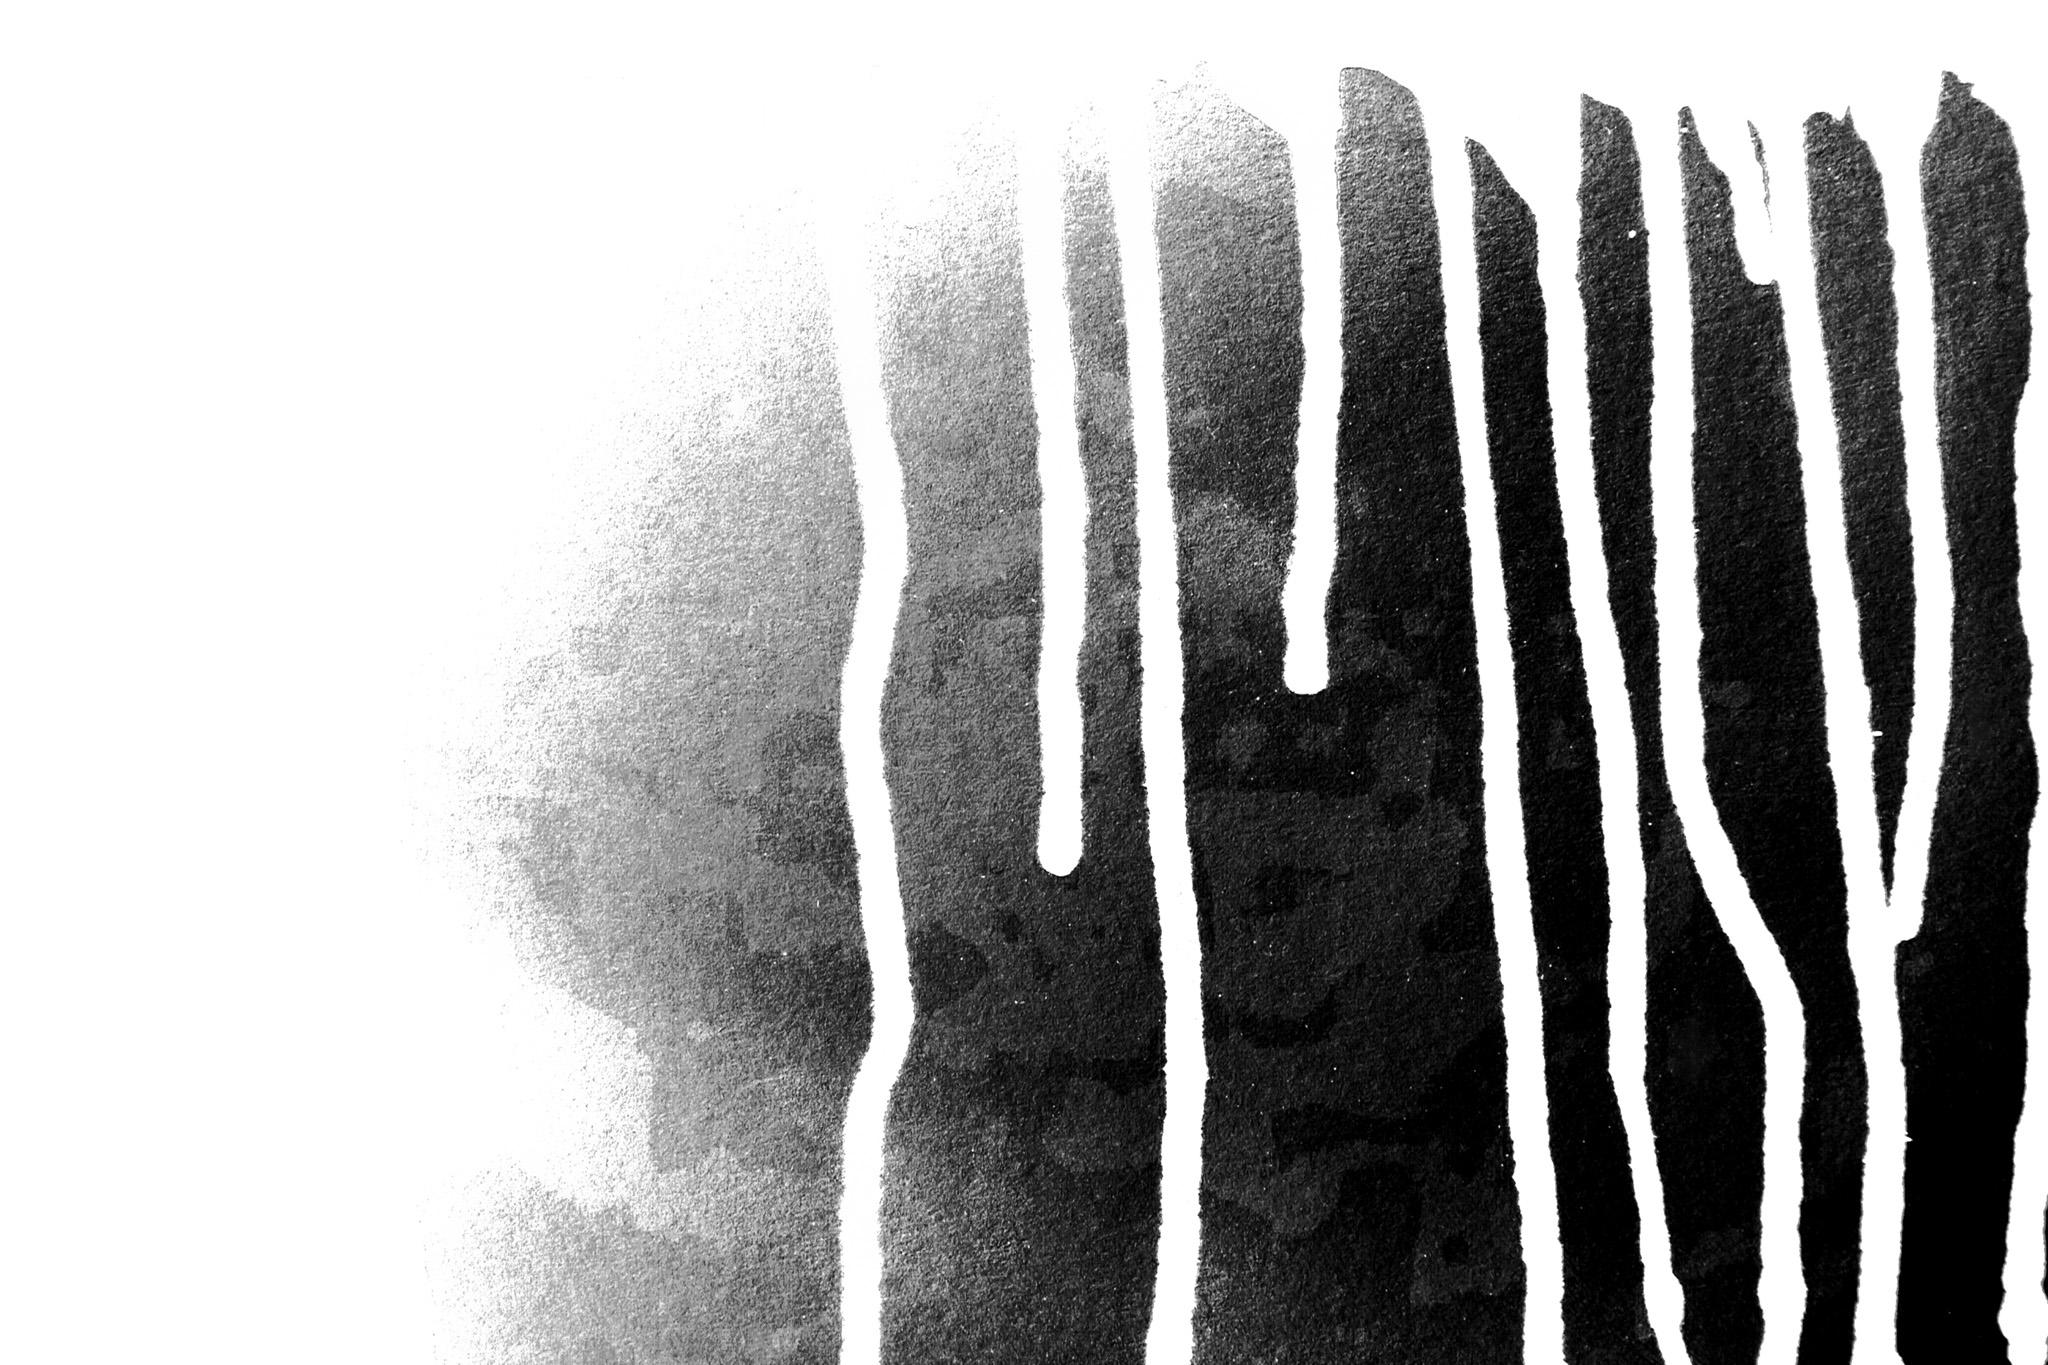 「滴る白い絵具と黒い吹付け背景」